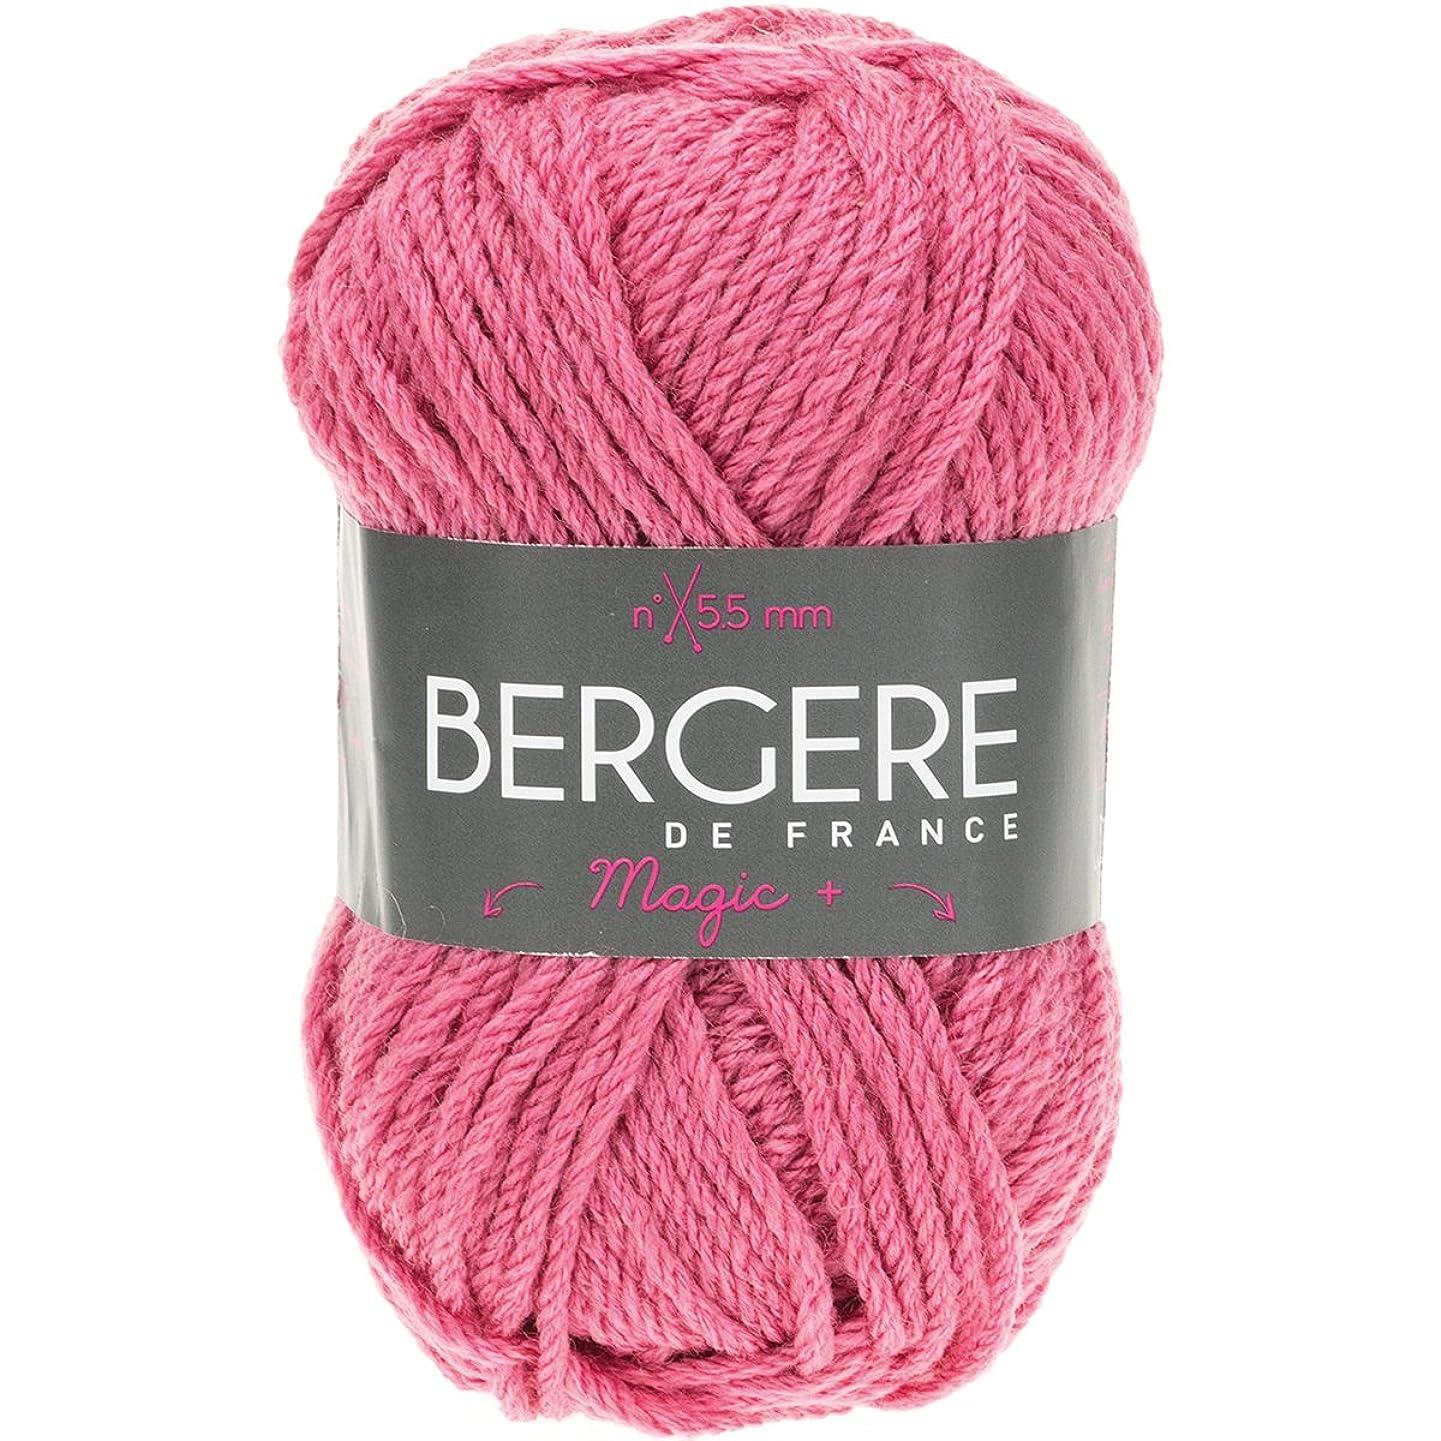 Bergere de France 20669 Magic Yarn-Buvard